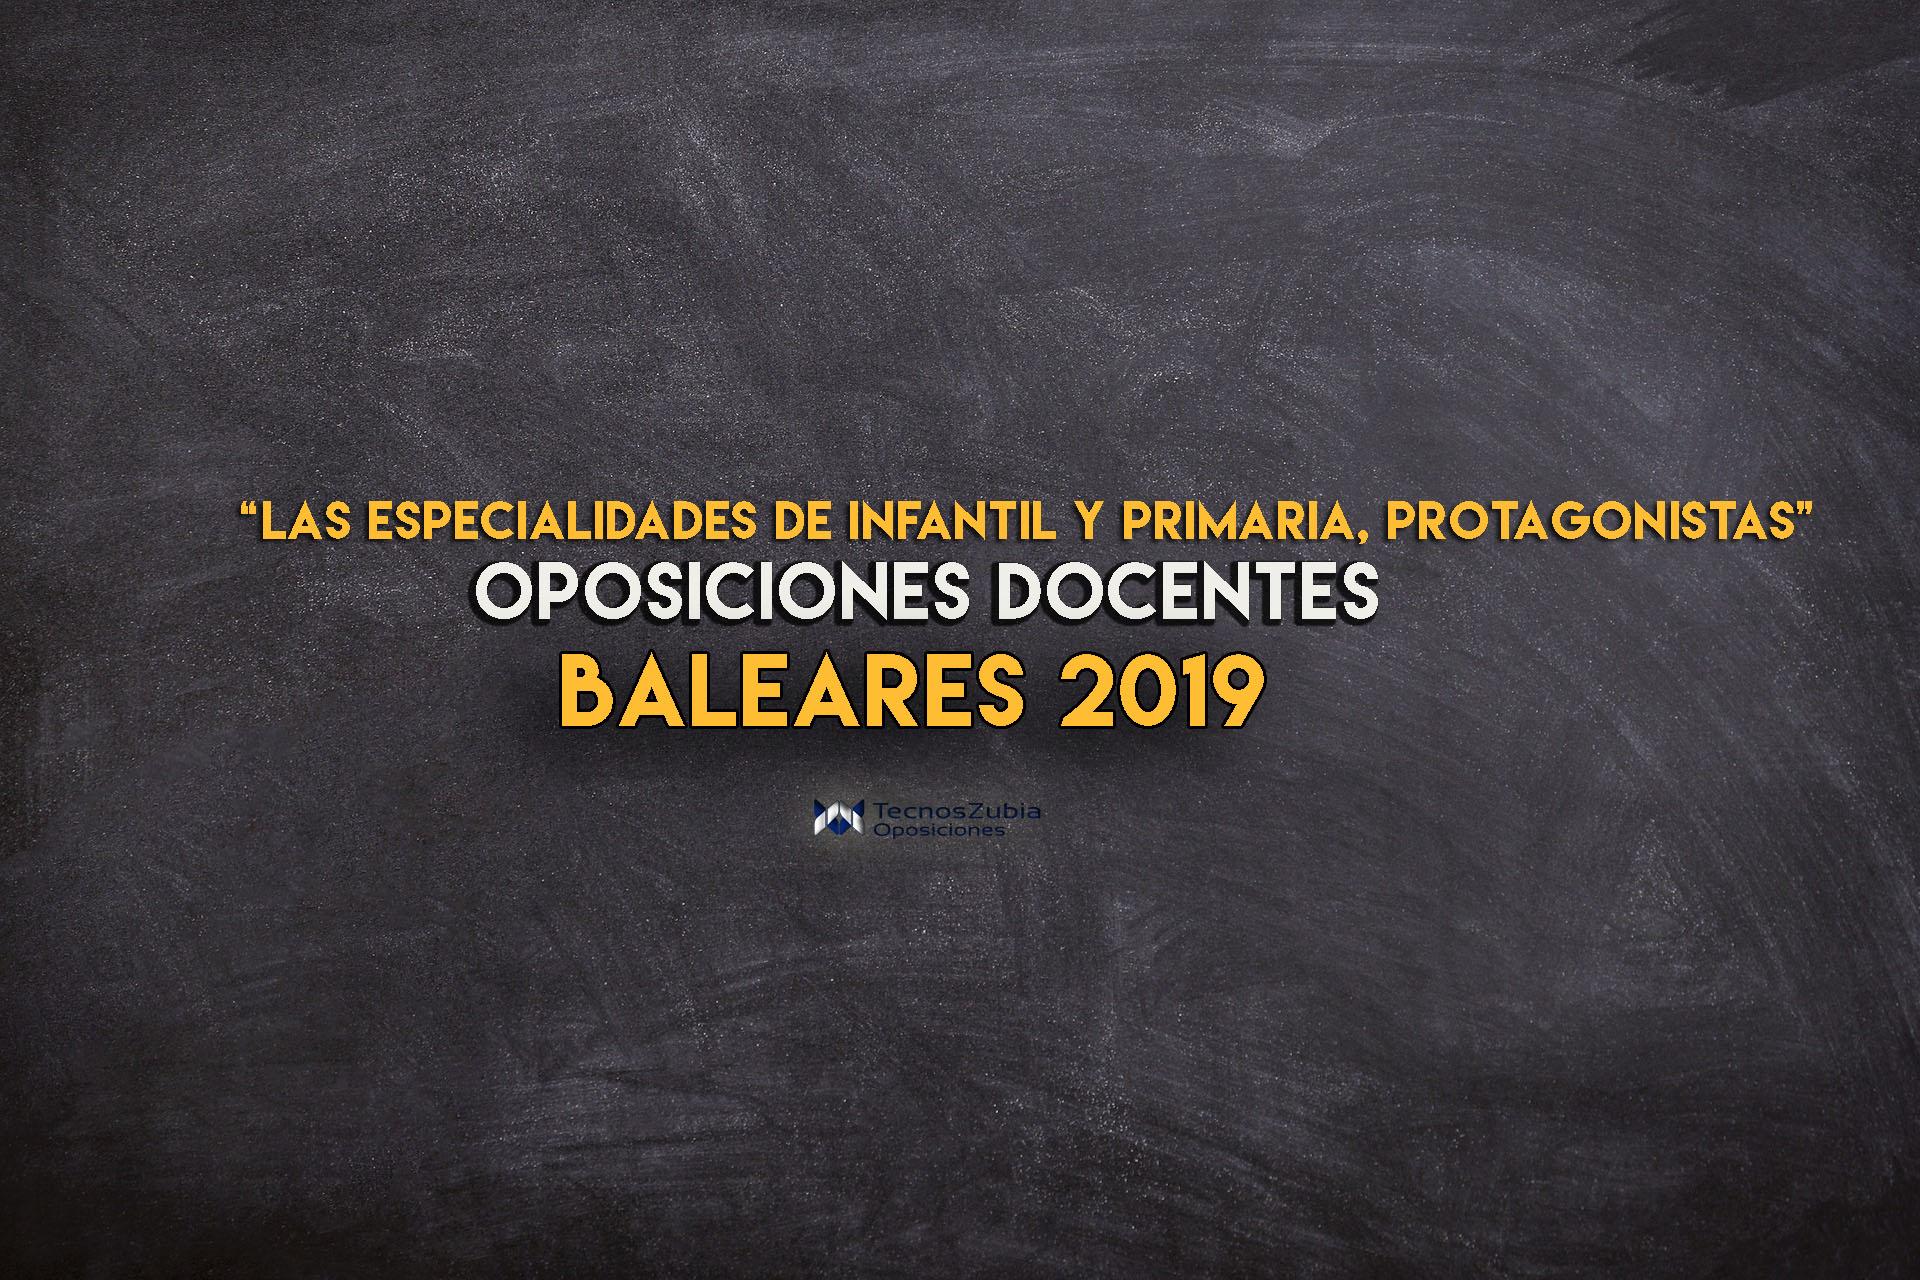 Anunciadas oposiciones docentes en Baleares; habra más de 1000 plazas